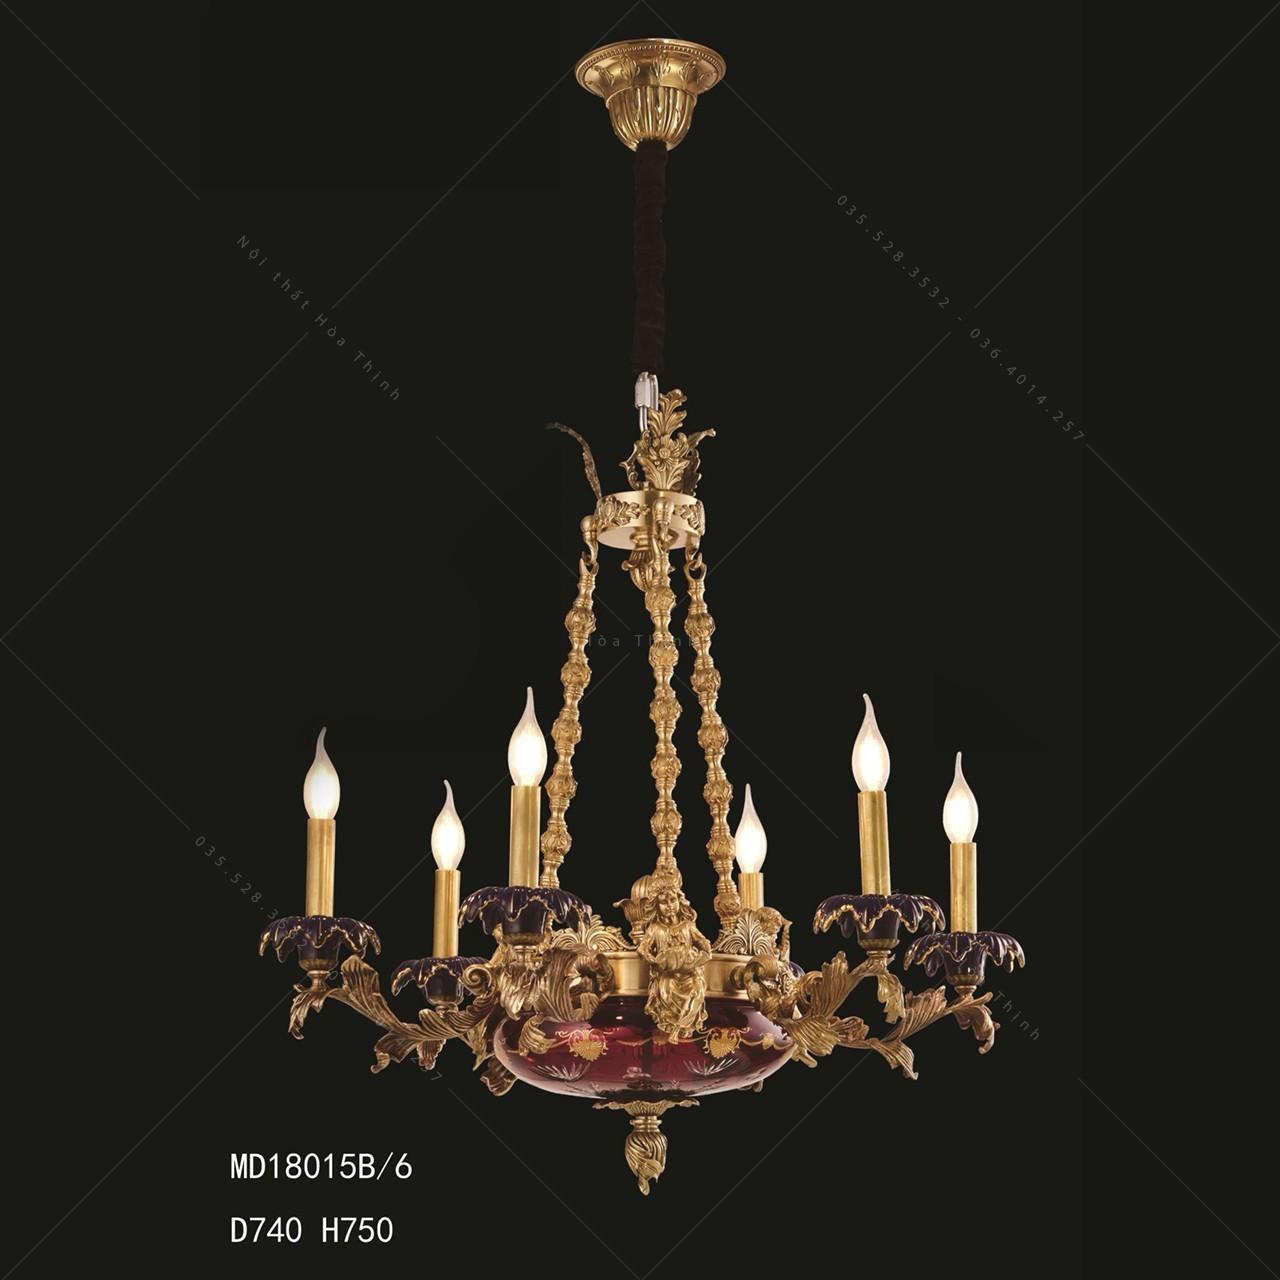 đèn chùm giá 1 triệu MD180036